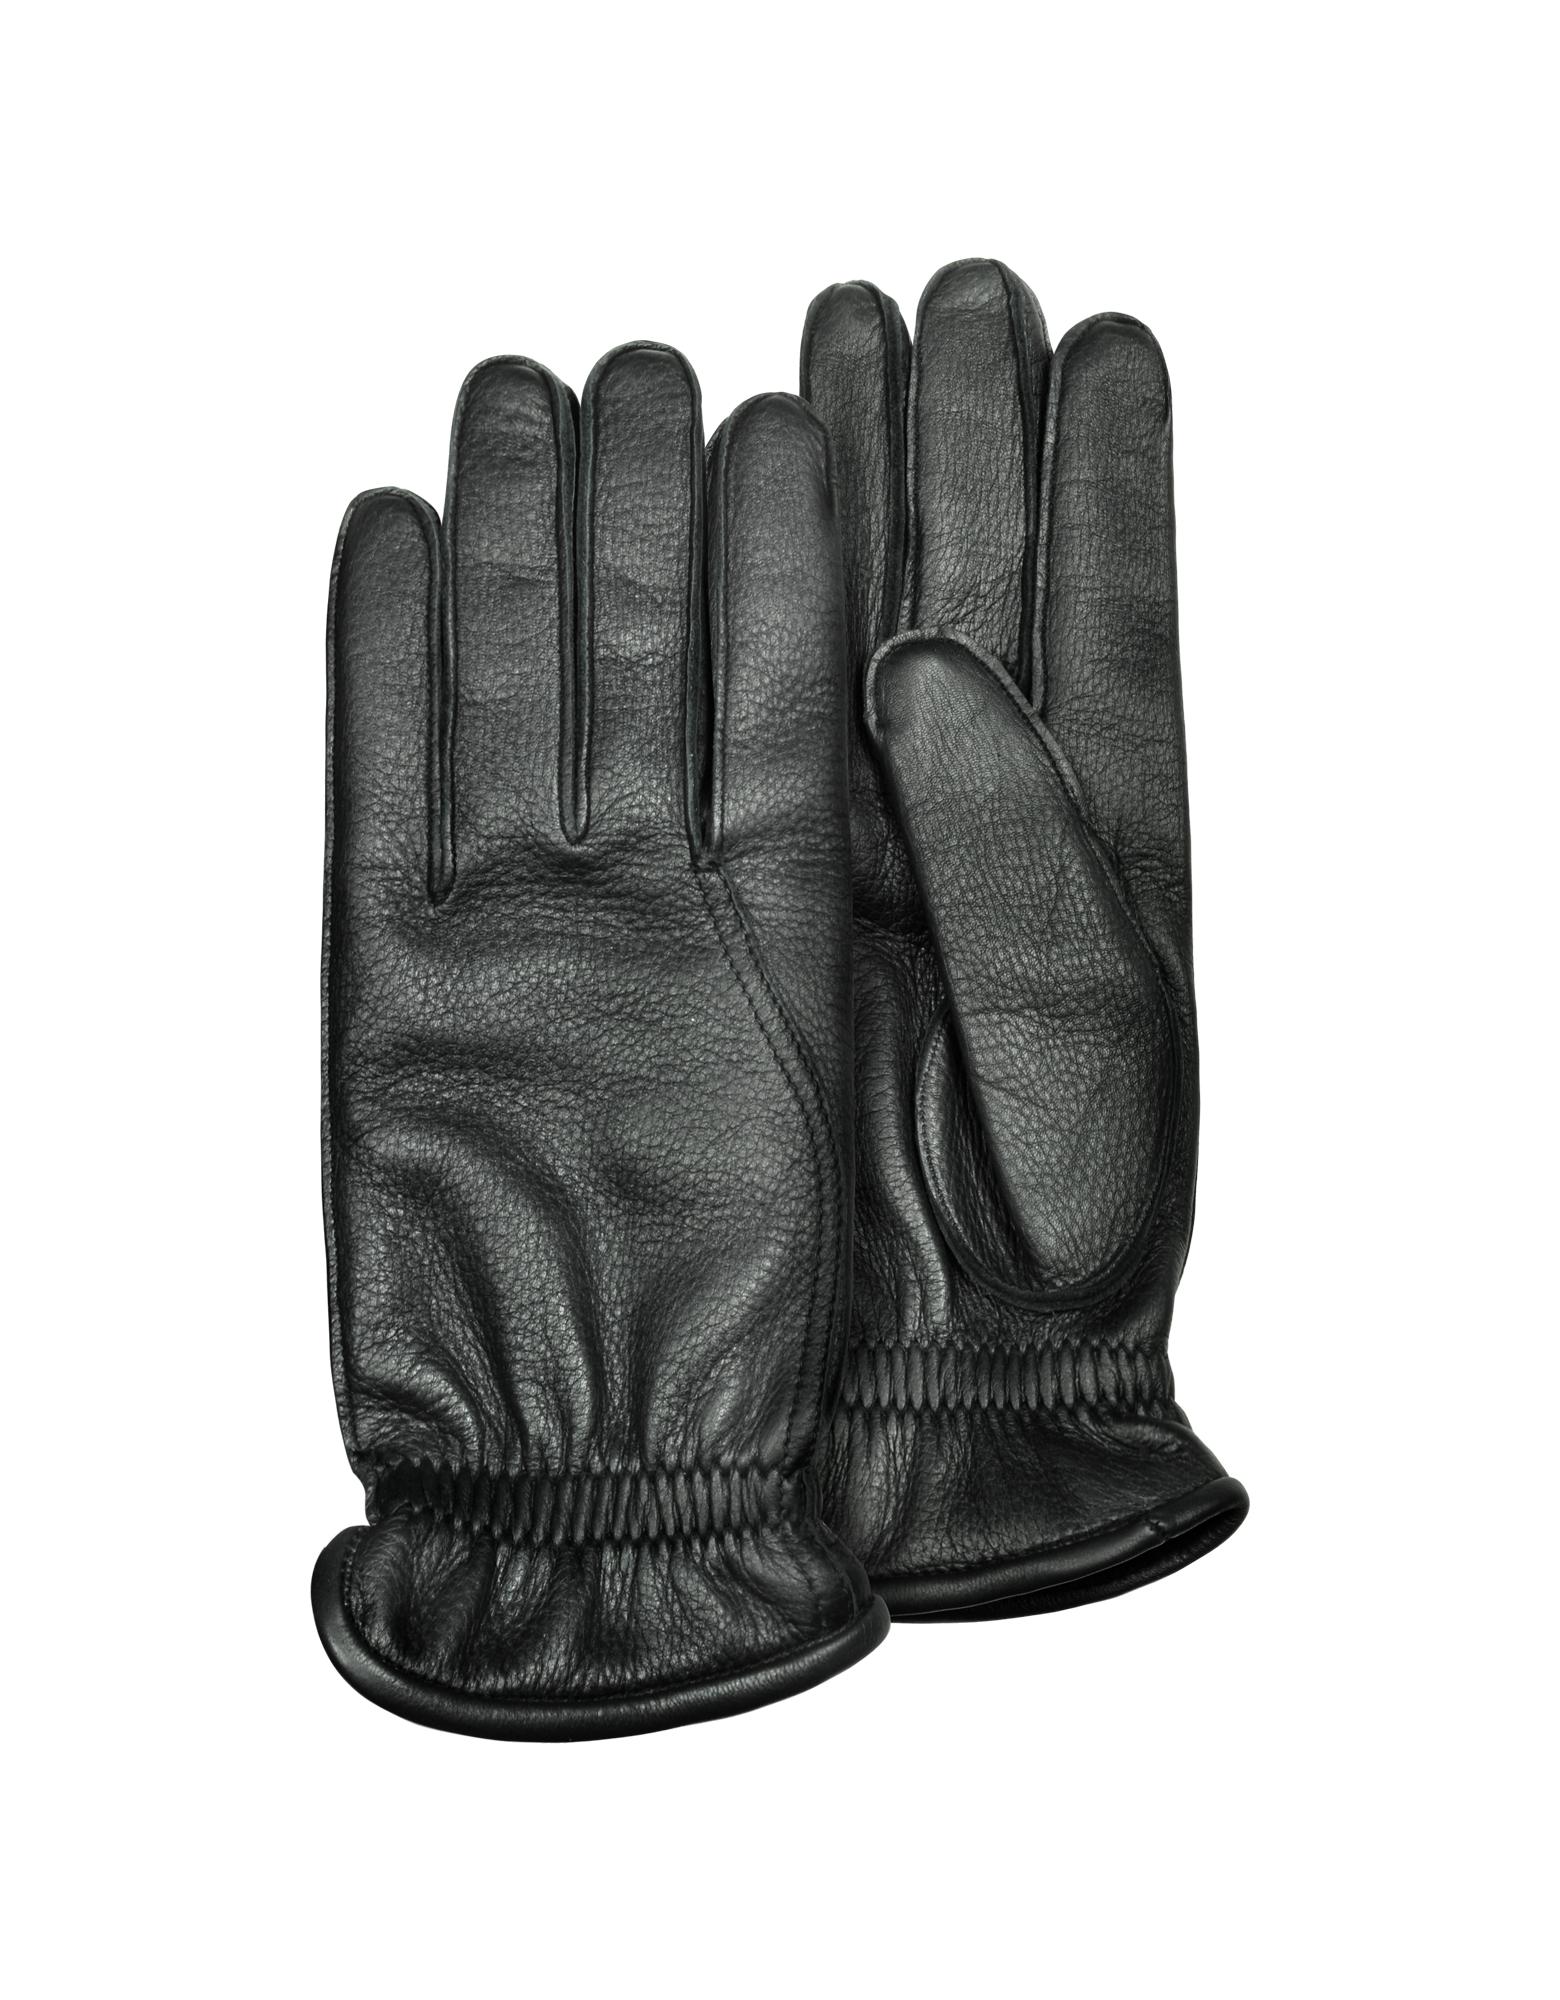 Image of Men's Black Deerskin Leather Gloves w/ Cashmere Lining